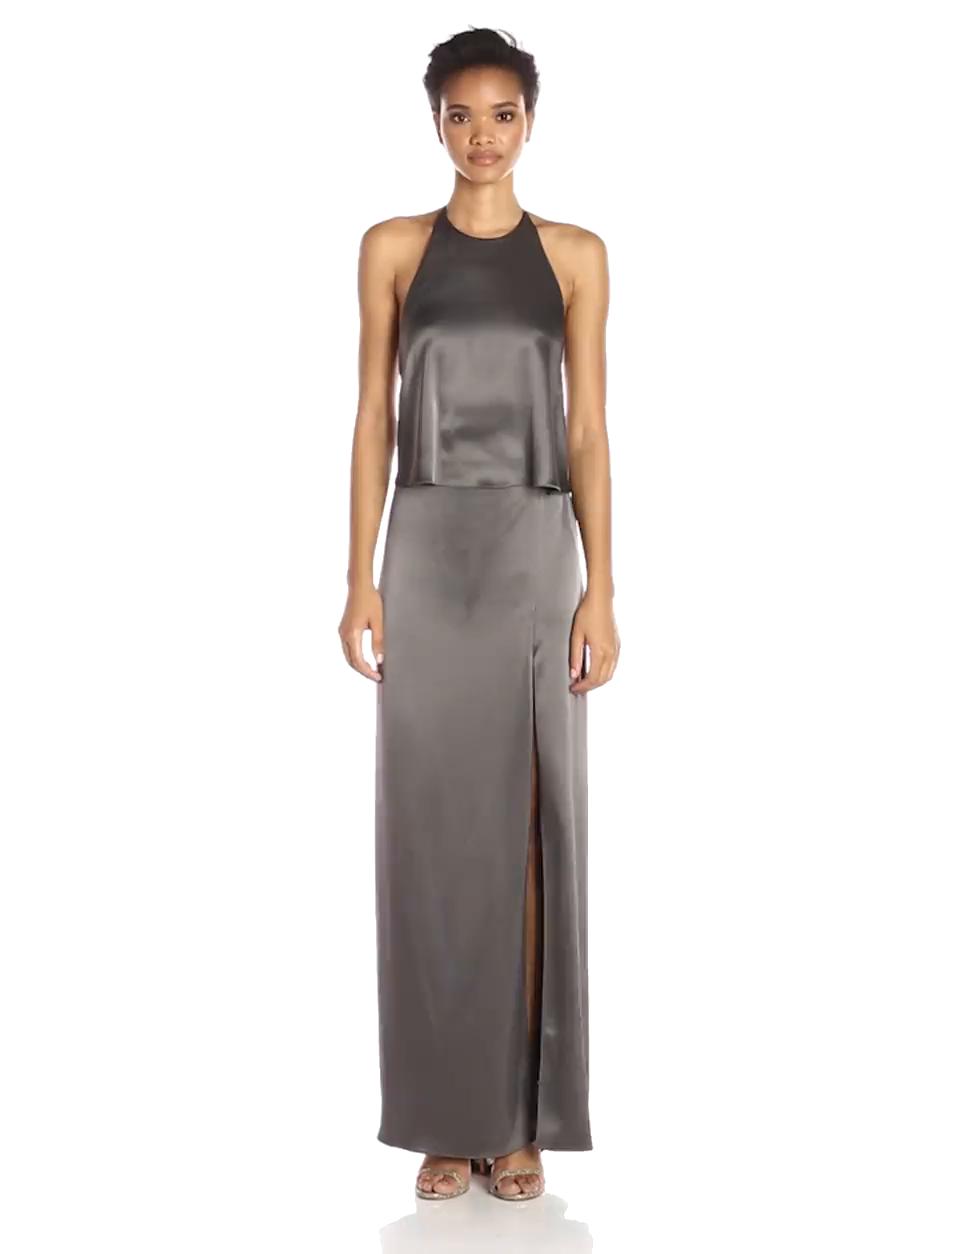 Amazon.com: Halston Heritage Women\'s Halter Neck Slip Dress with Low ...